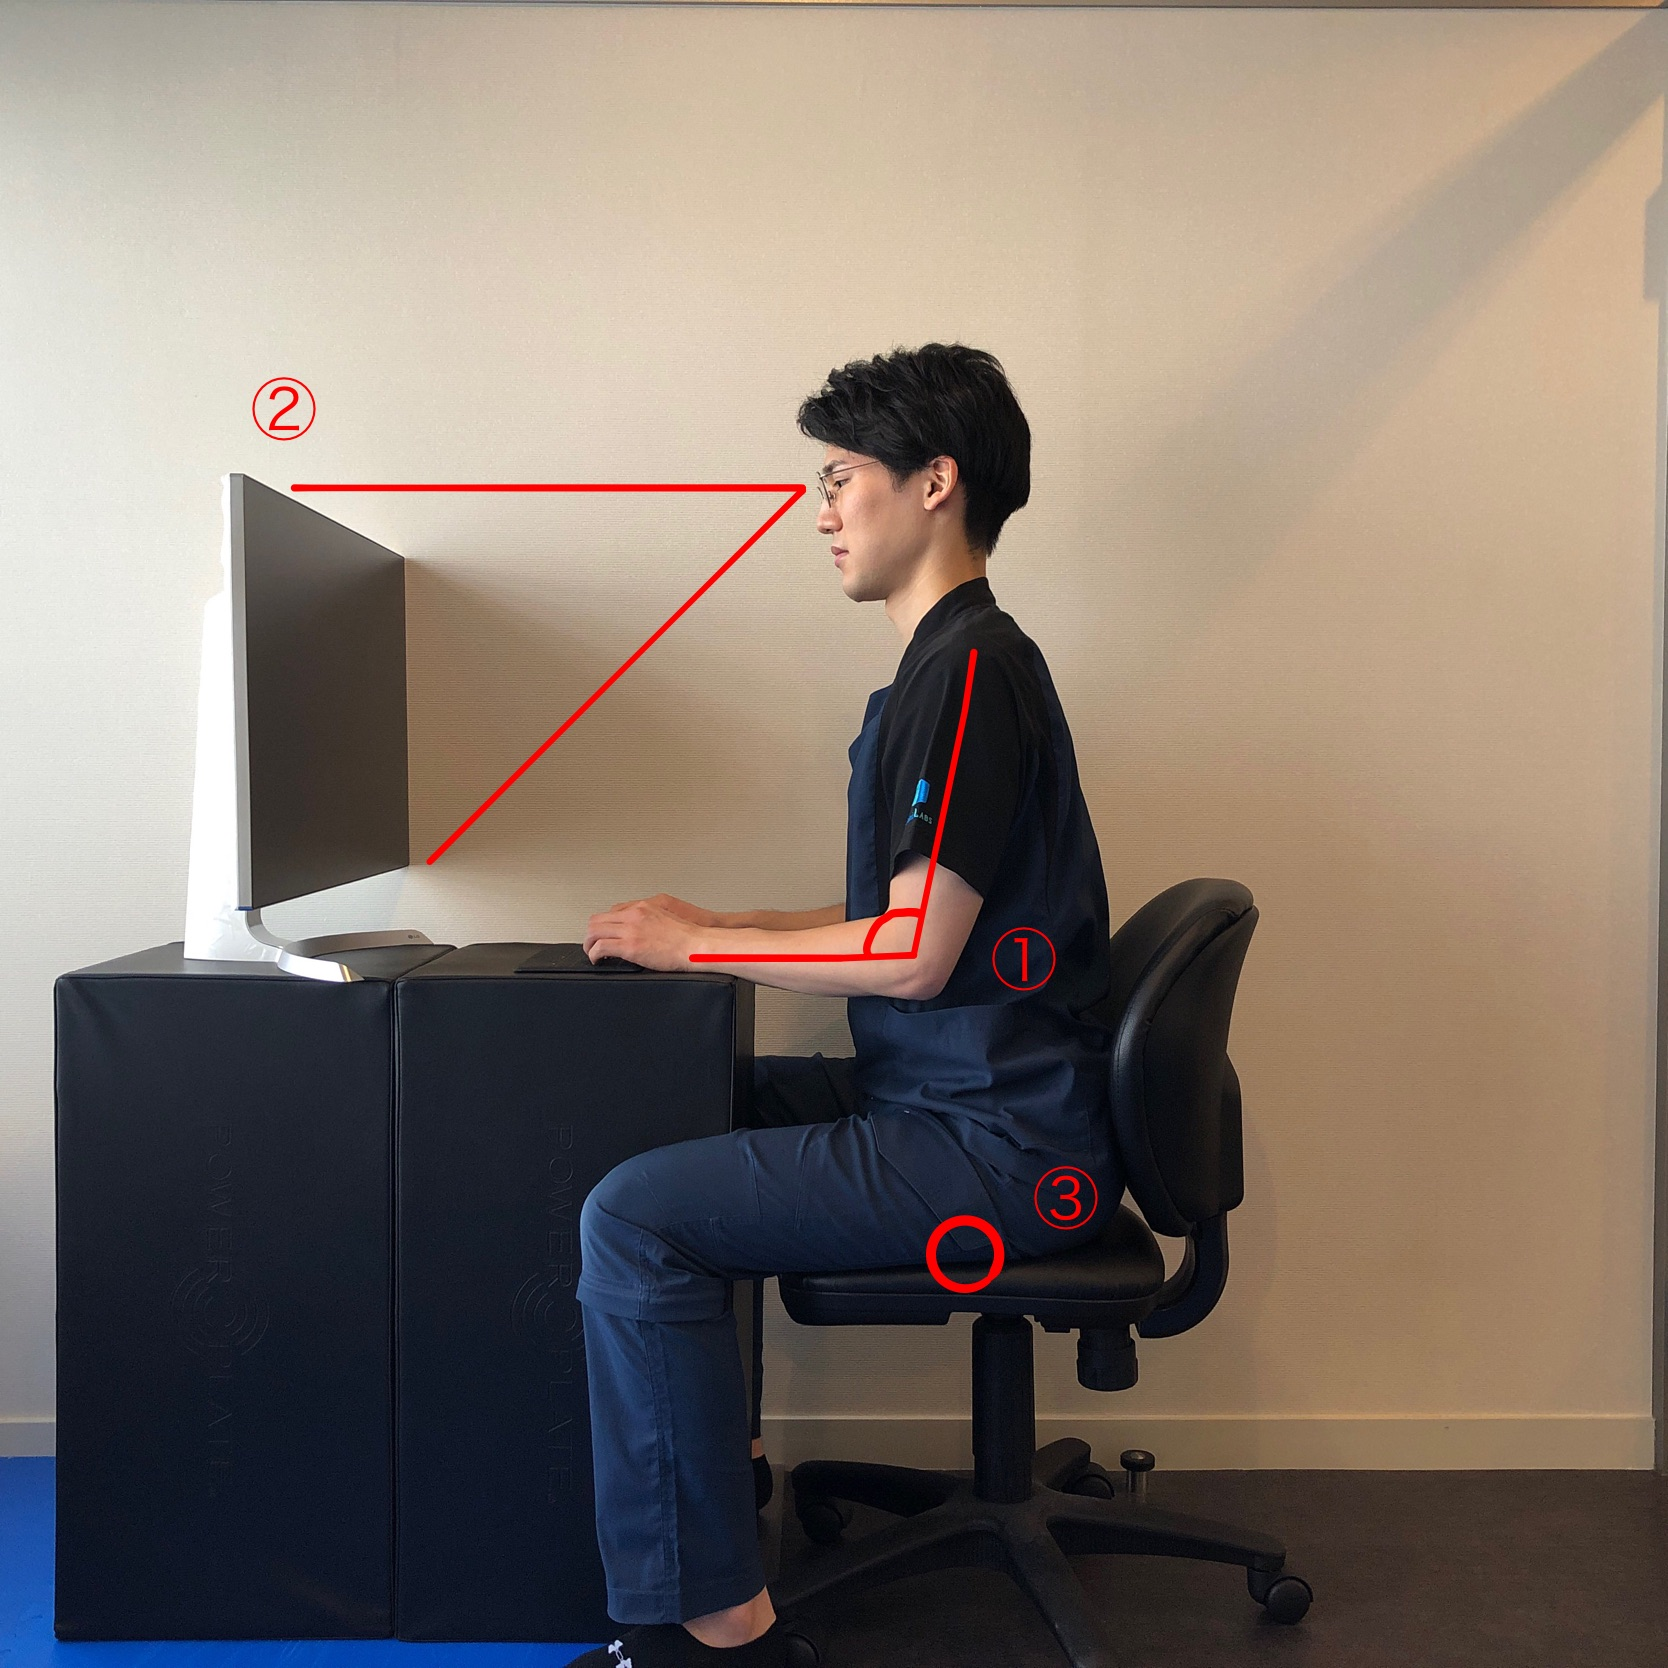 肩こり・首こりが気になる方が意識すべき、パソコン作業時の適切な姿勢(座り方)とデスク環境とは? 厚生労働省のガイドラインをふまえて解説します。